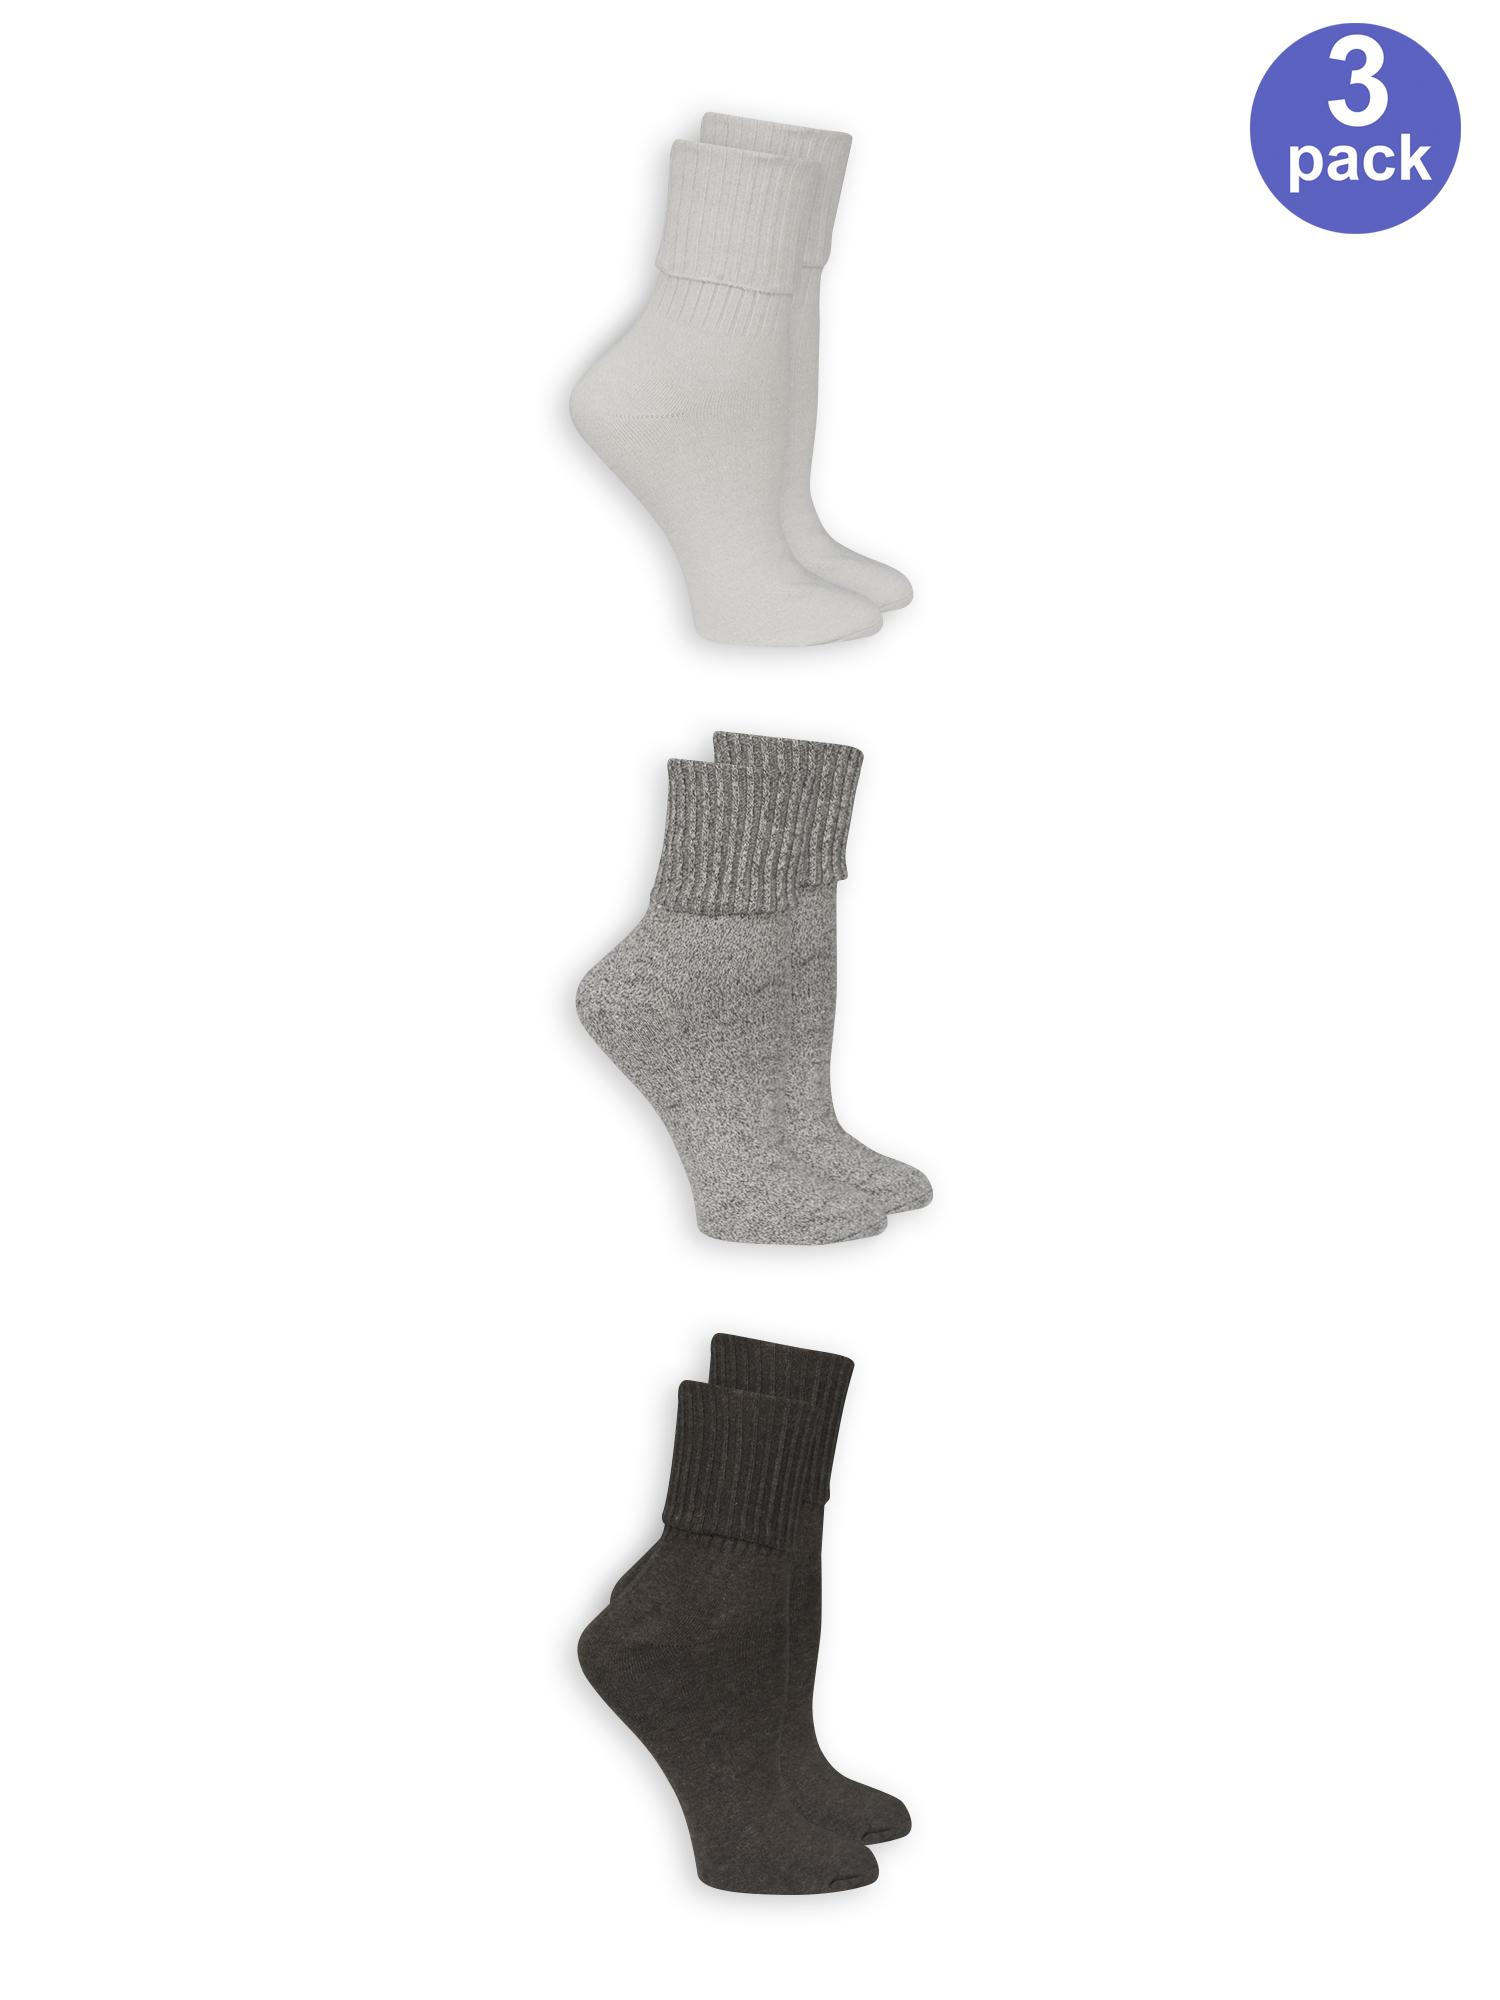 Women's marl turn cuff socks 3 pack